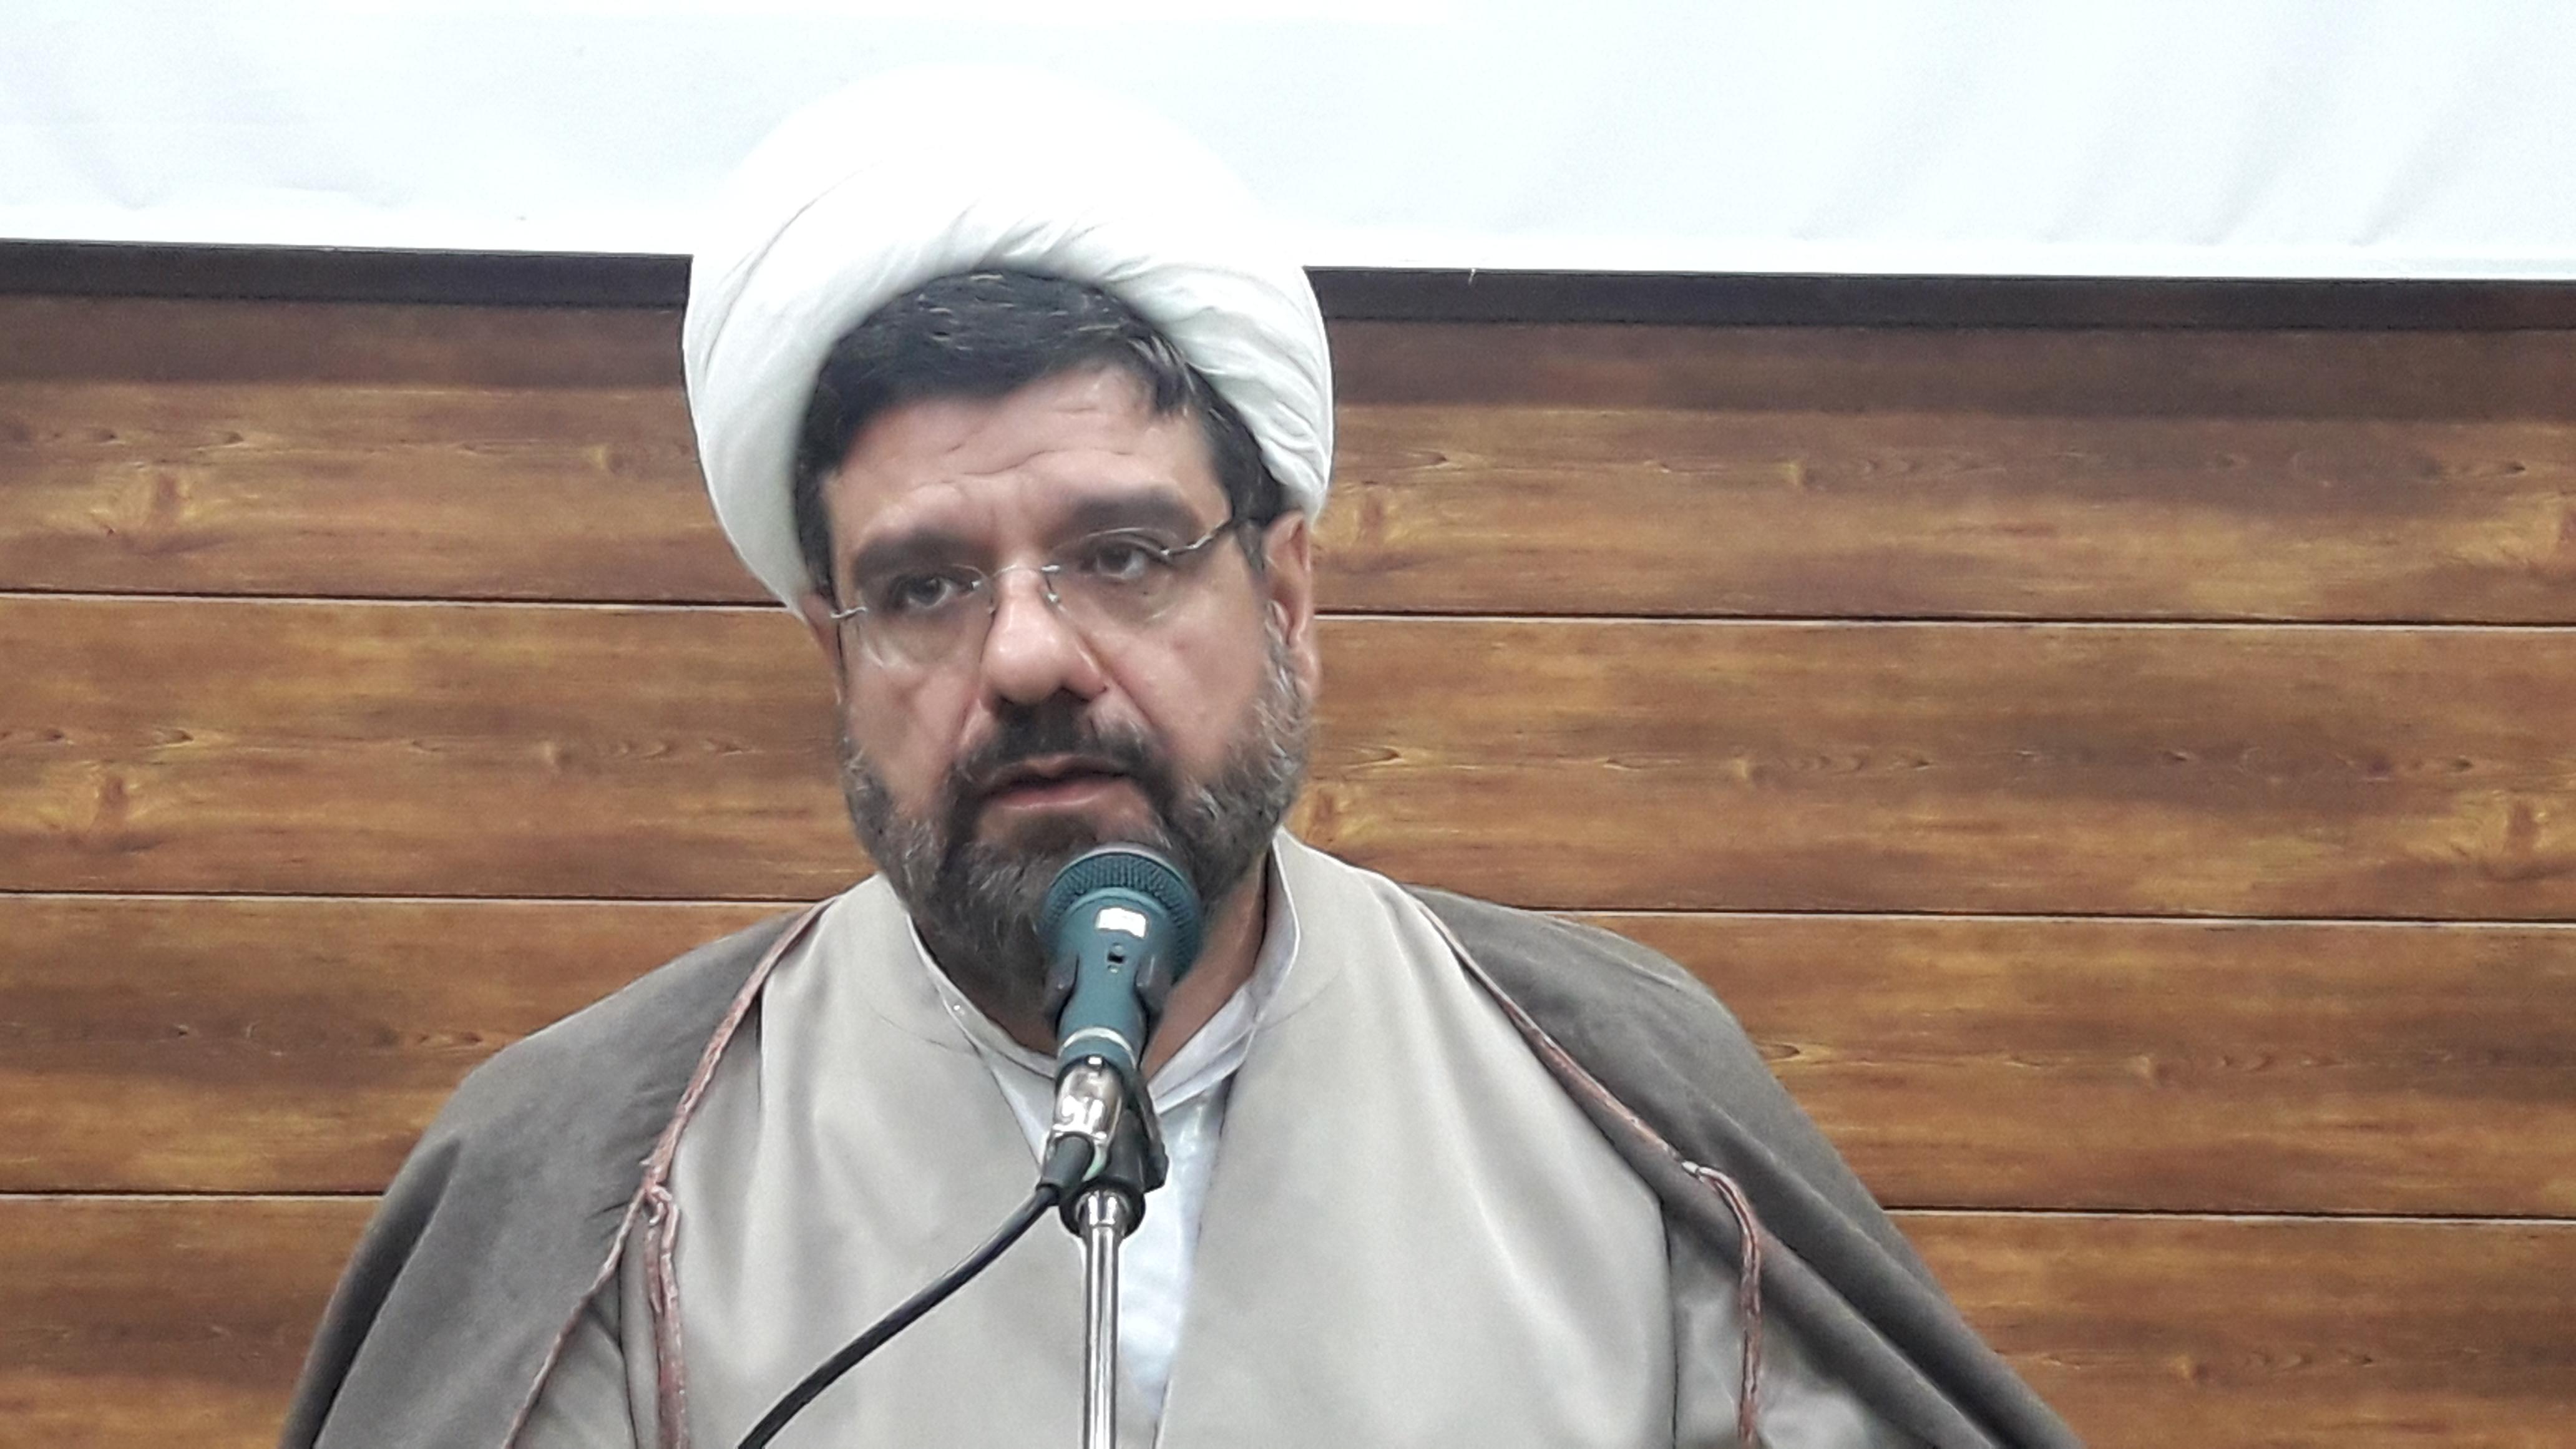 ۳۲۰۰ نشست نماز در استان اصفهان برگزار شده است